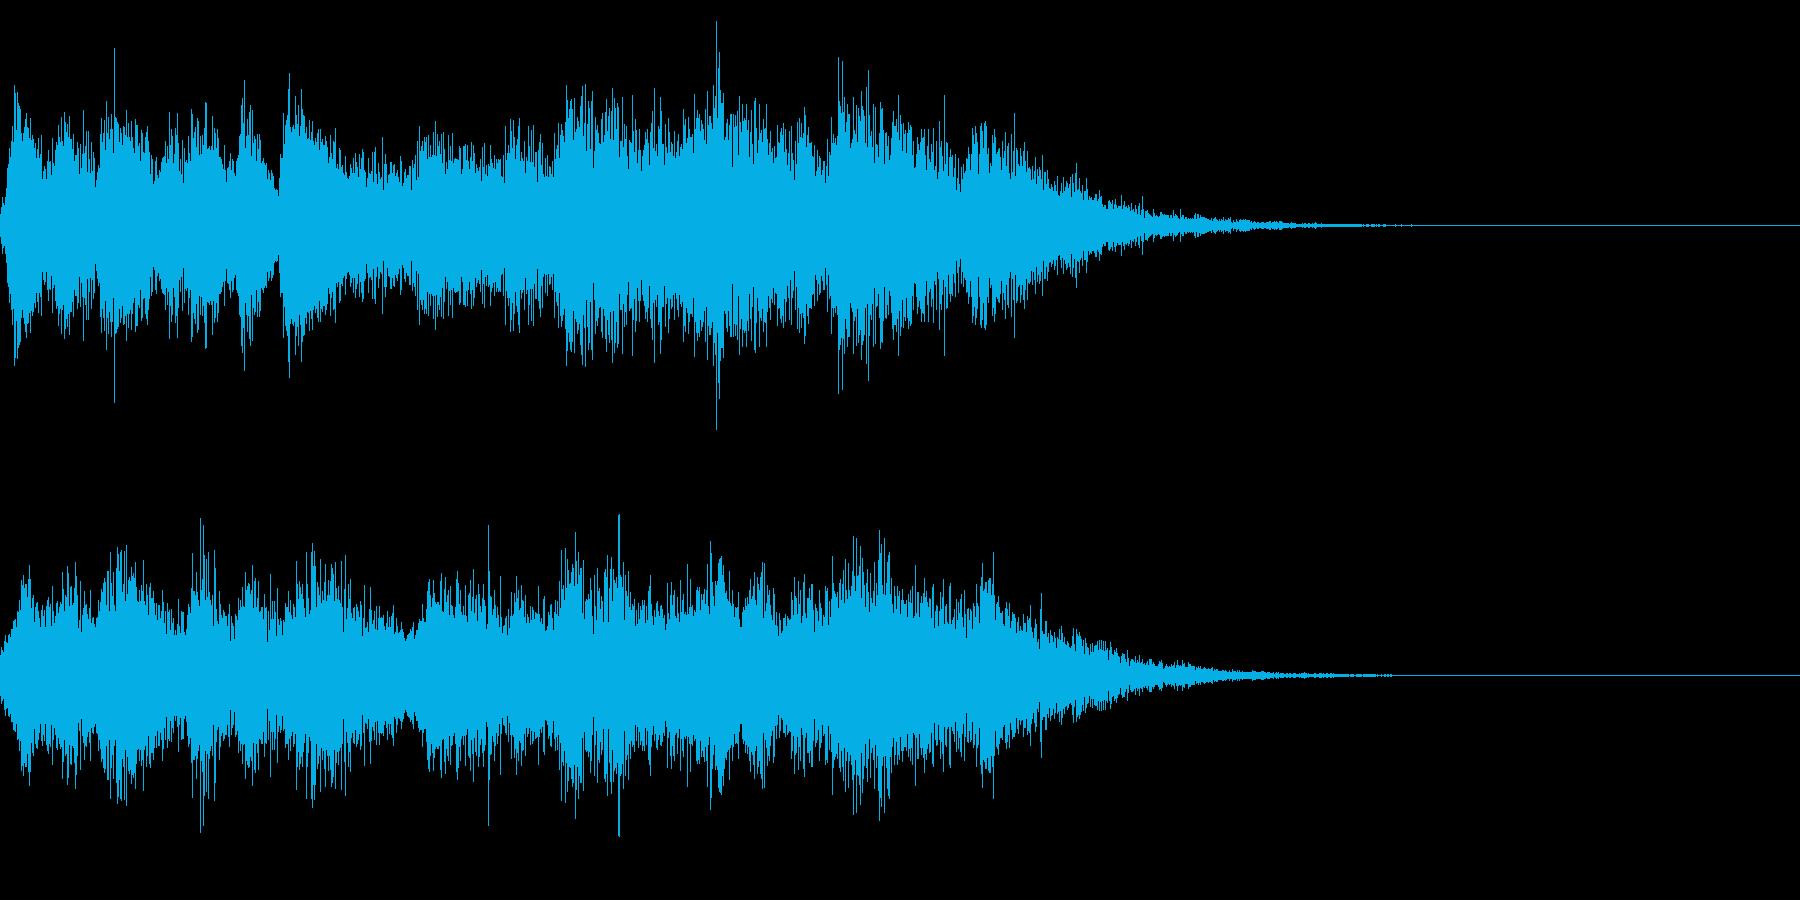 成功ジングルなど(オーケストラ系)の再生済みの波形